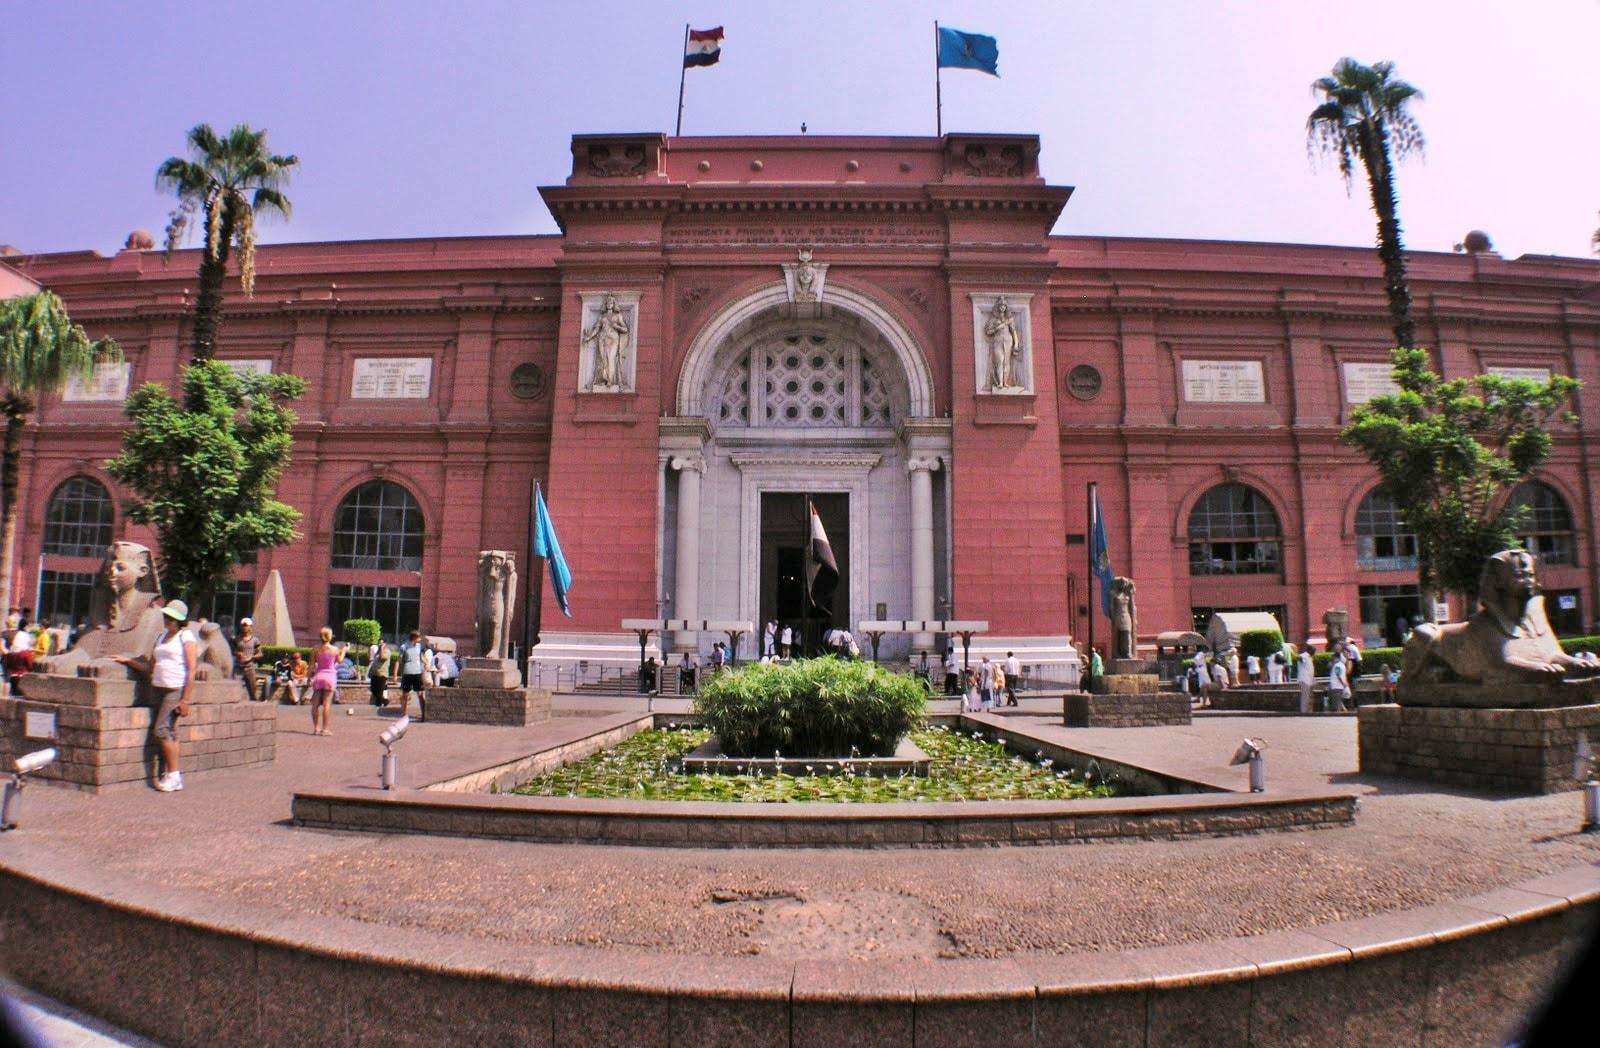 Visita il Museo Egizio del Cairo - MisrTravel